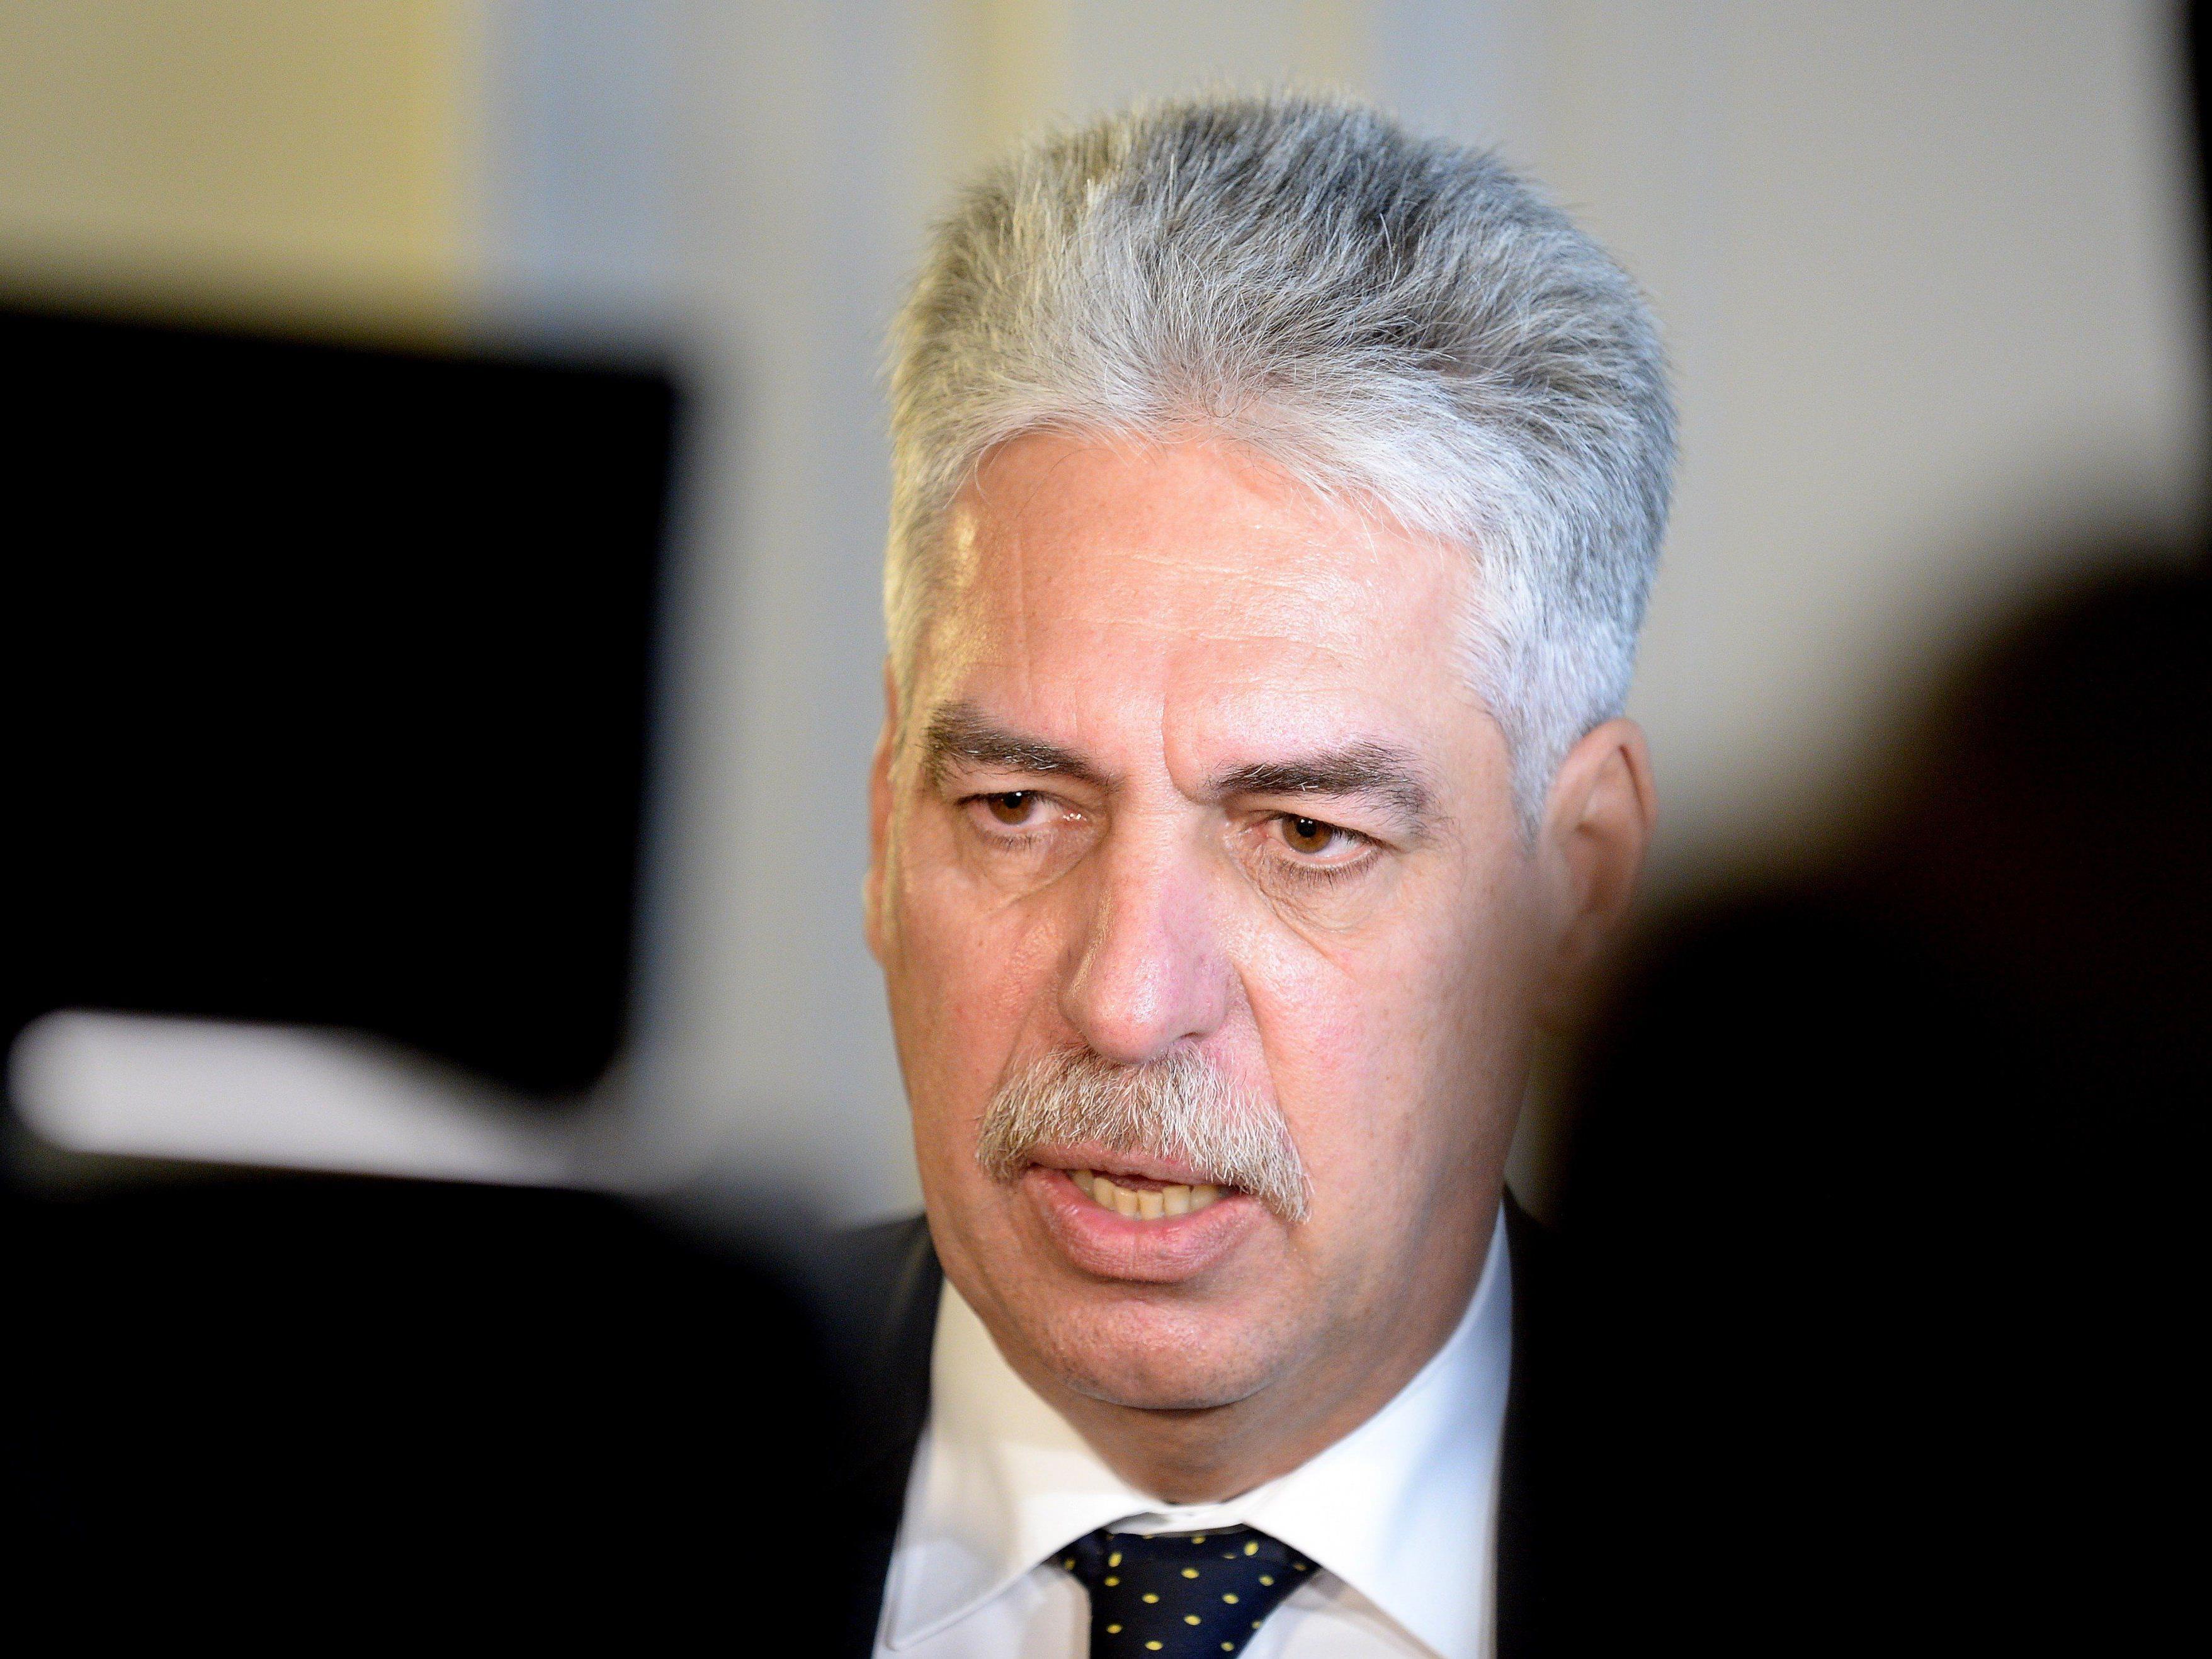 Finanzminister vor Sitzung der Währungsunion: Wir verweigern nicht den Dialog.